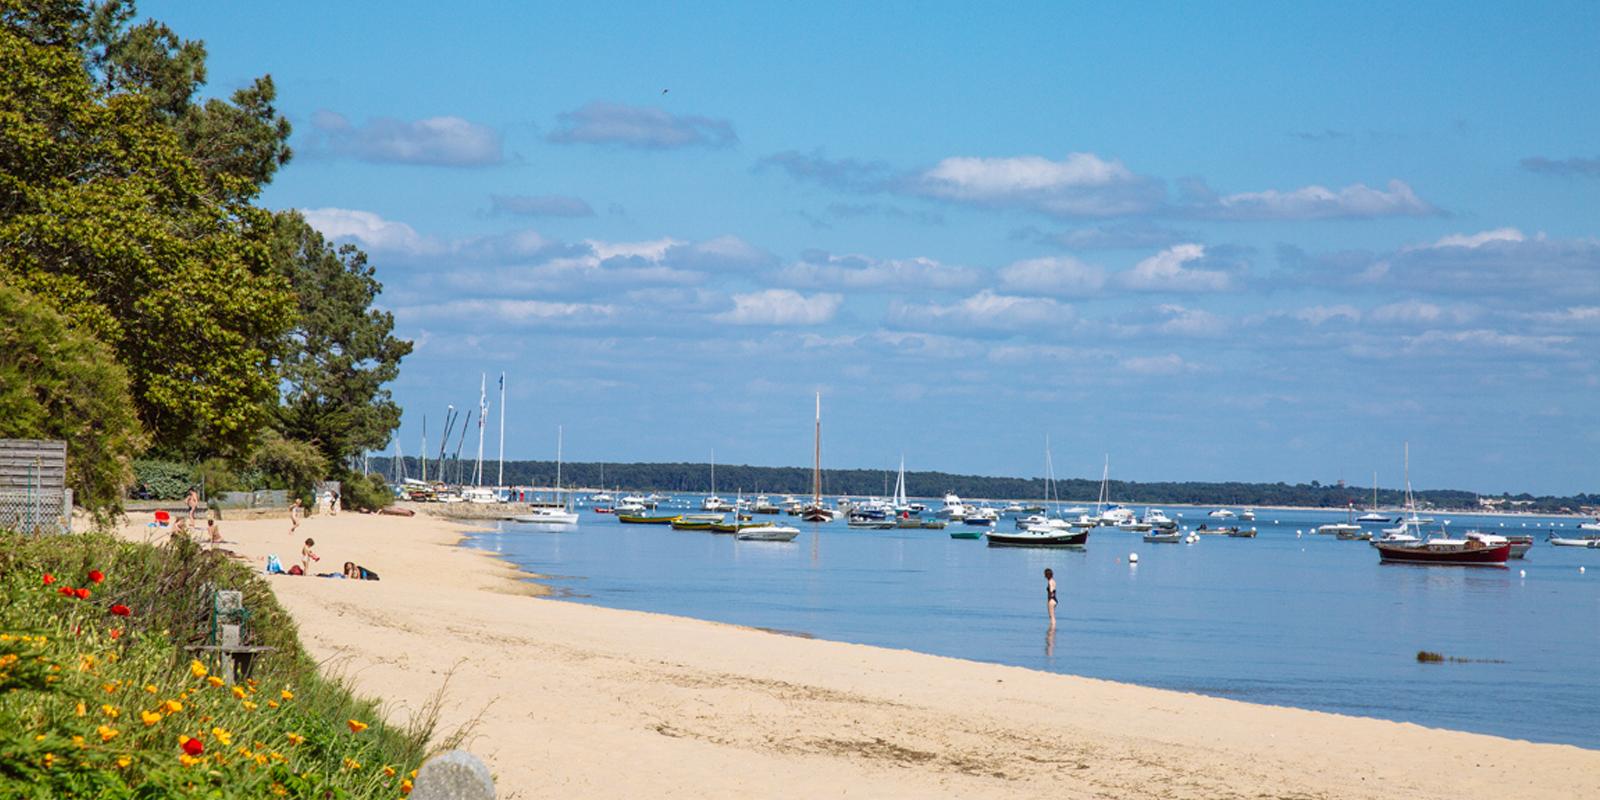 Claouey le four plage visite activit s et h bergements - Office de tourisme de lege cap ferret ...